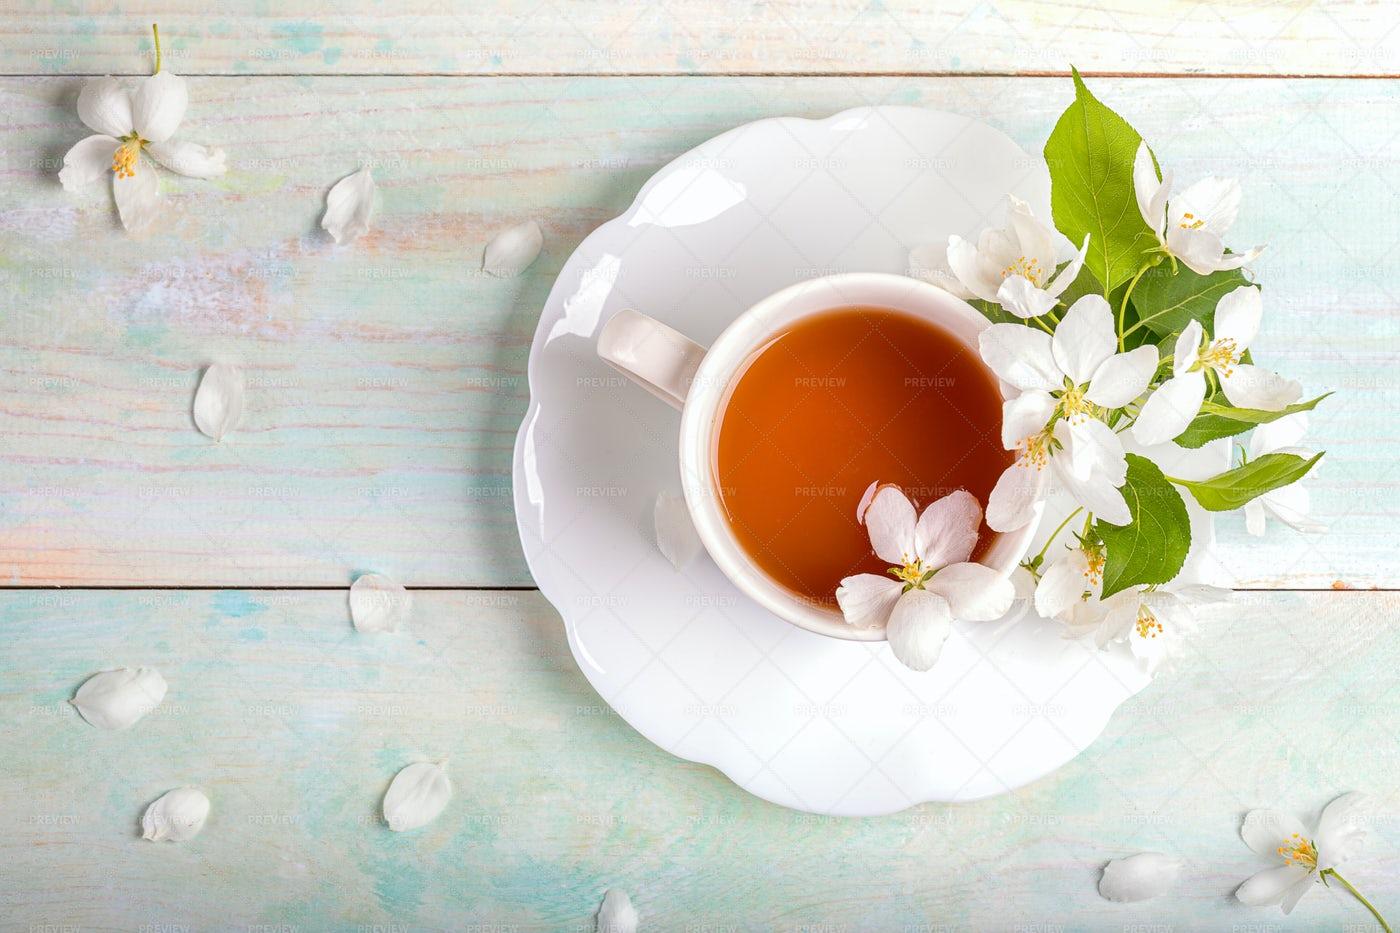 Hot Cup Of Tea: Stock Photos